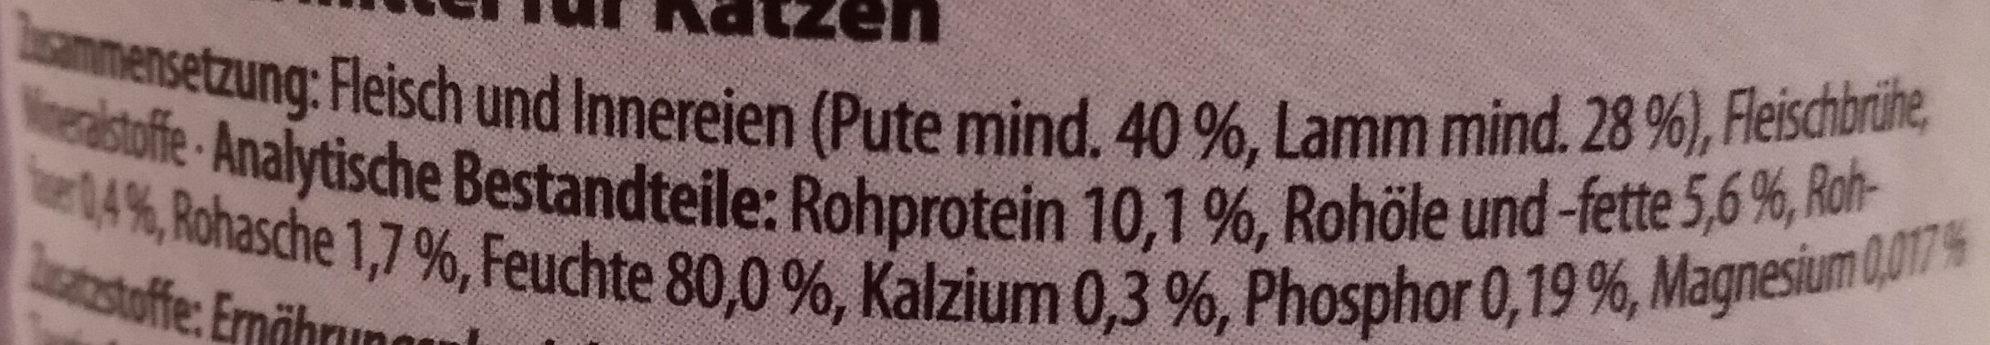 Schlemmertöpfchen Pute & Lamm - Ingredients